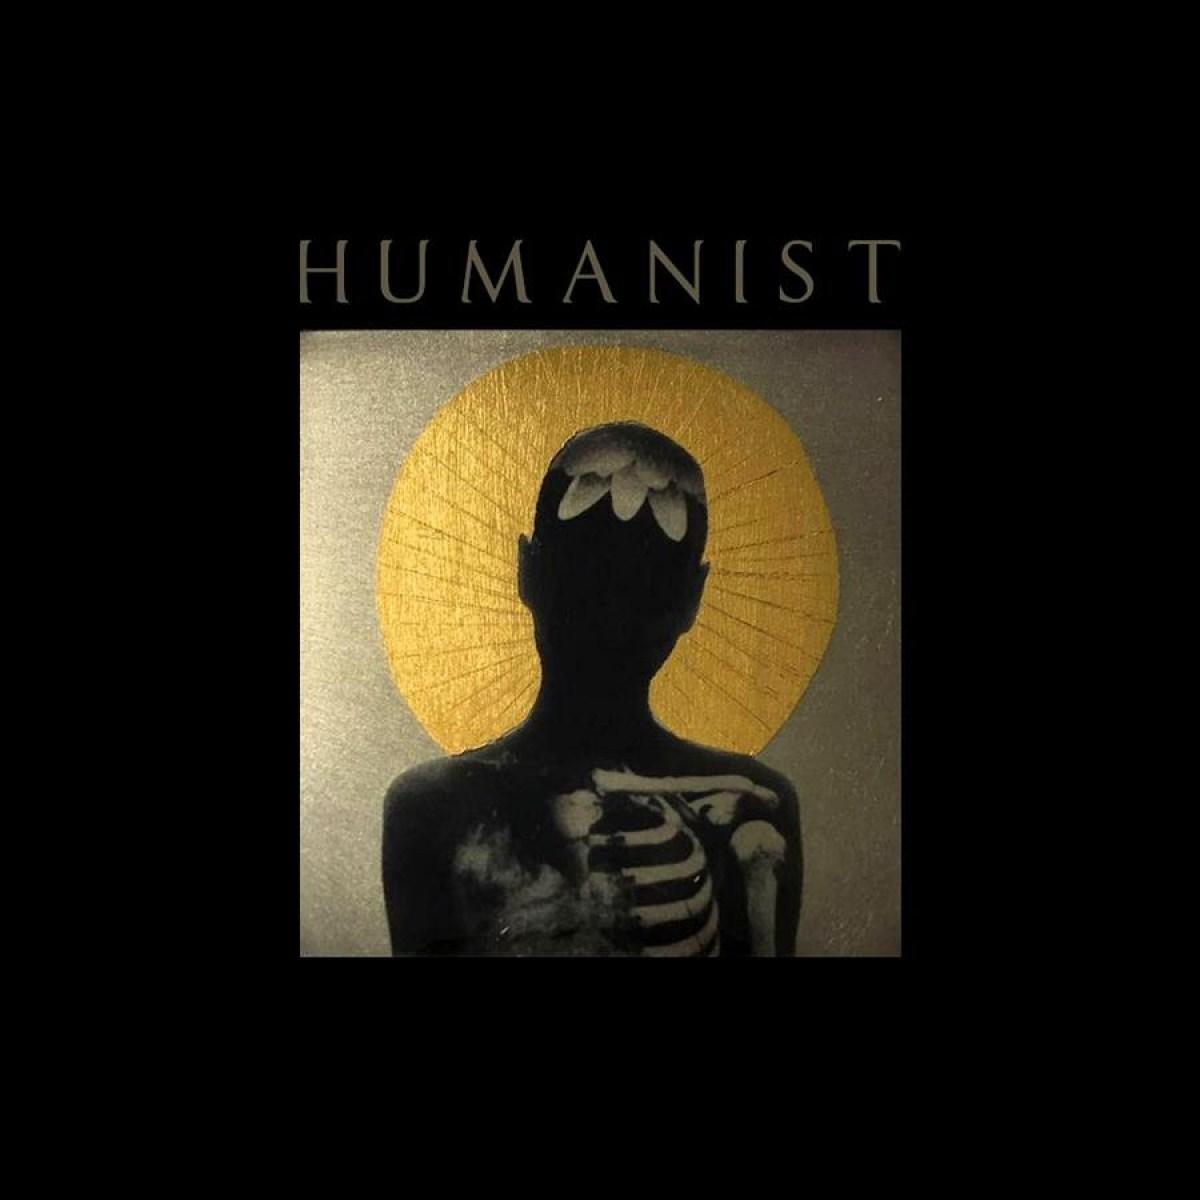 Shock collar humanist album 2020 cover